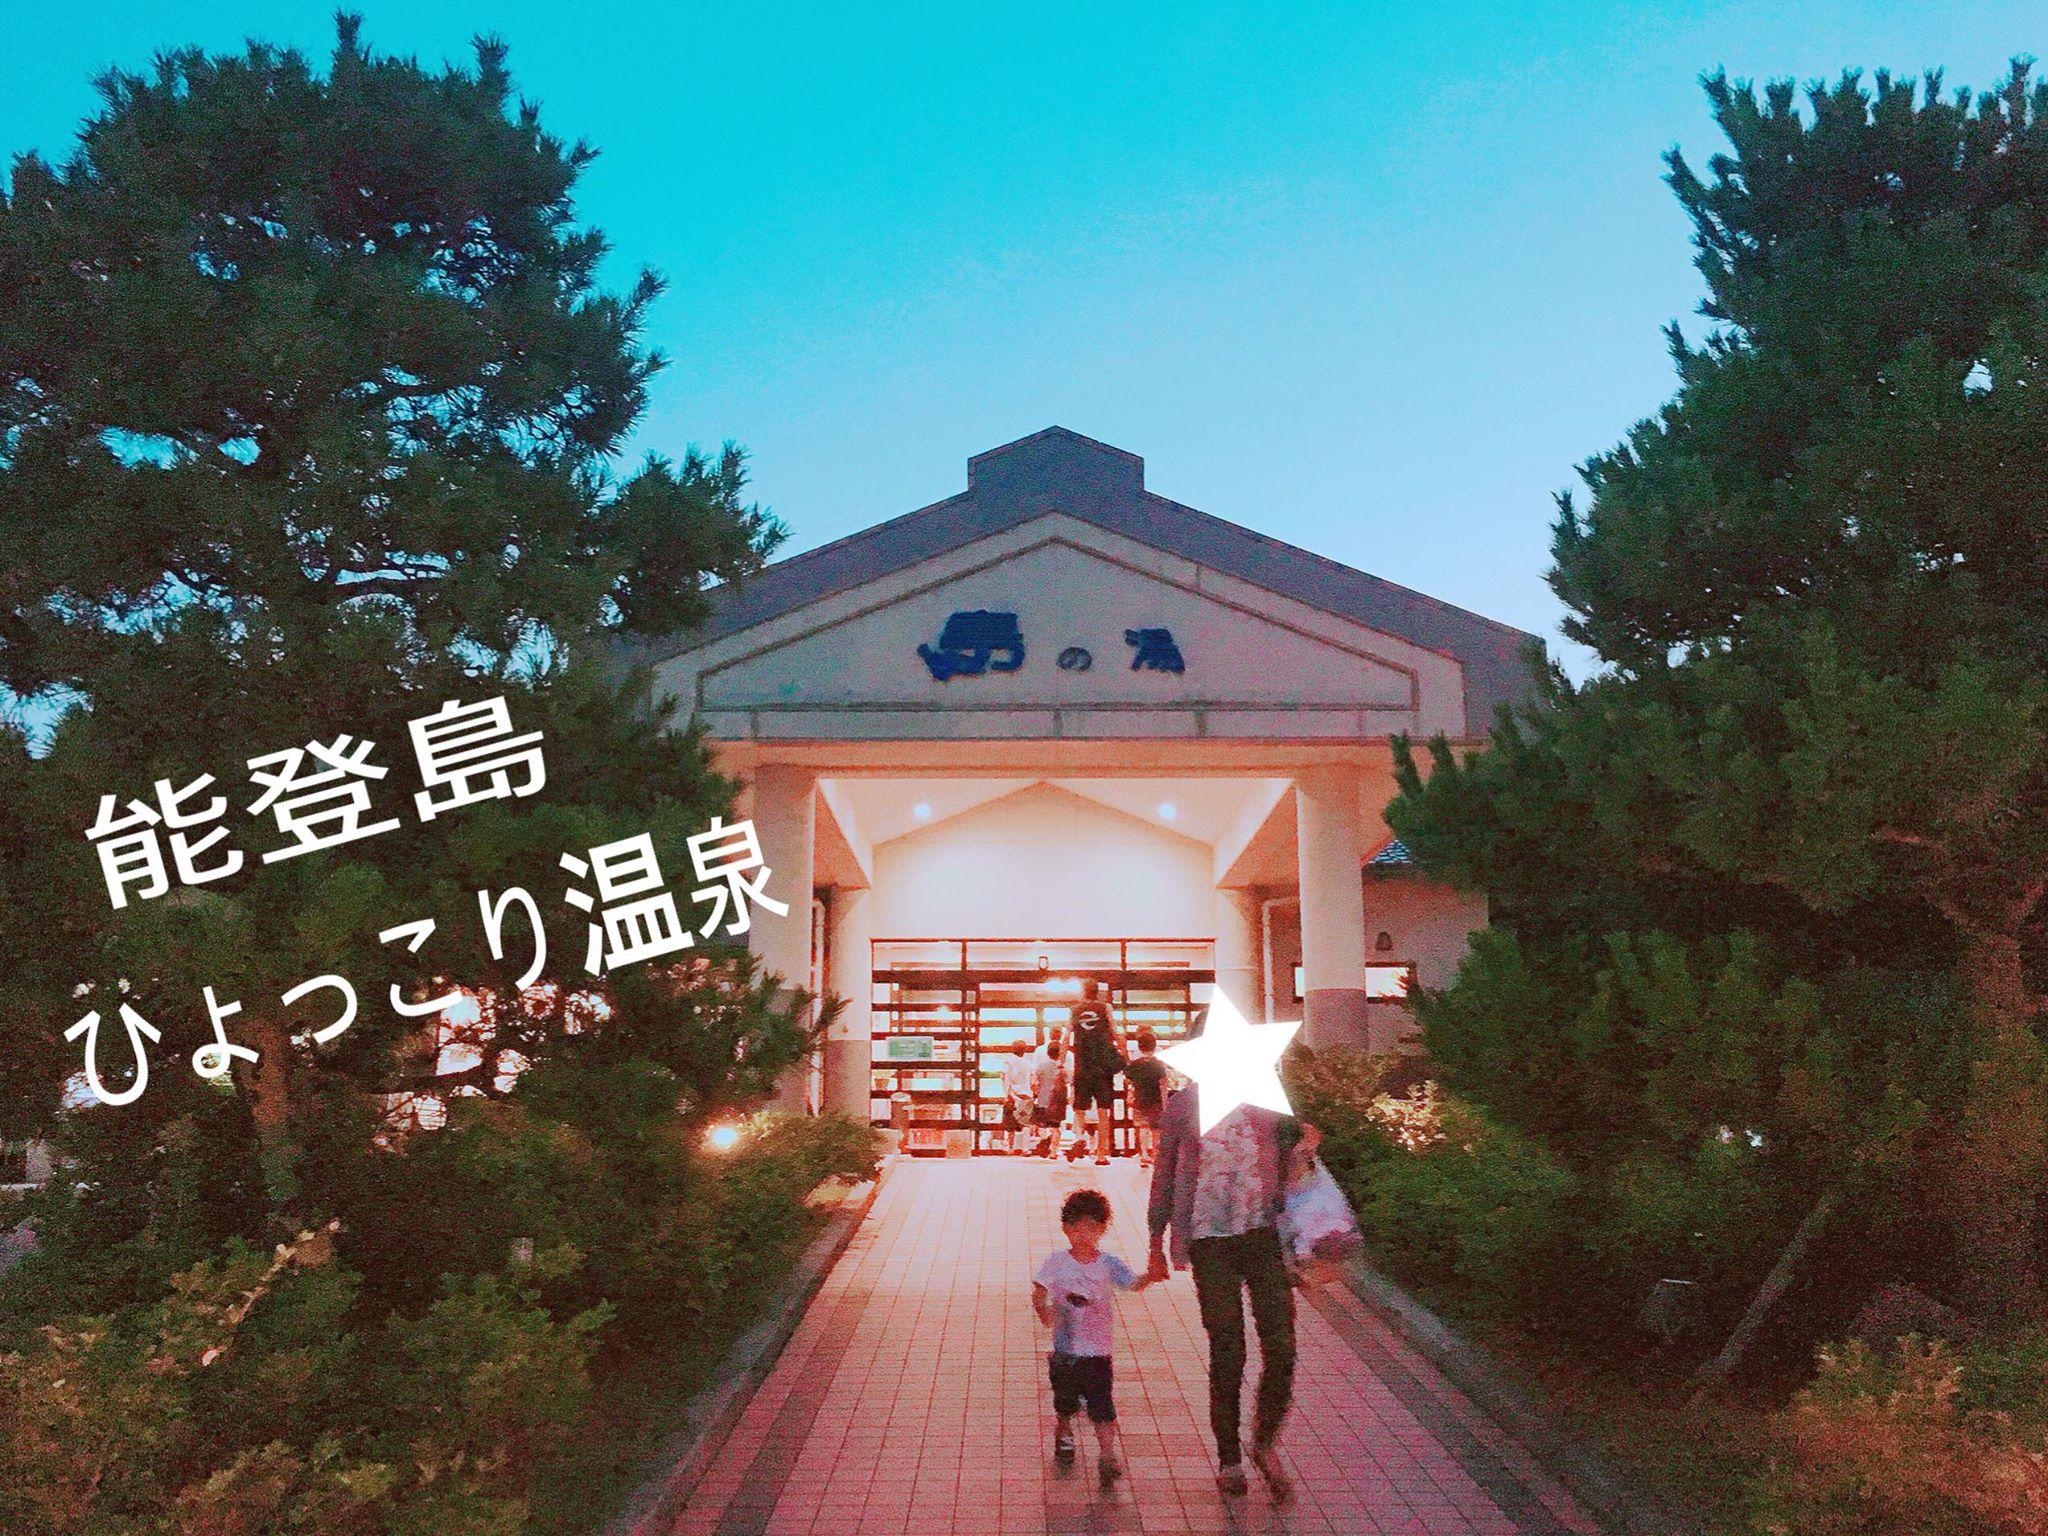 【石川県能登島】ひょっこり温泉 島の湯は地元民が愛する穴場の日帰り温泉ですよ。